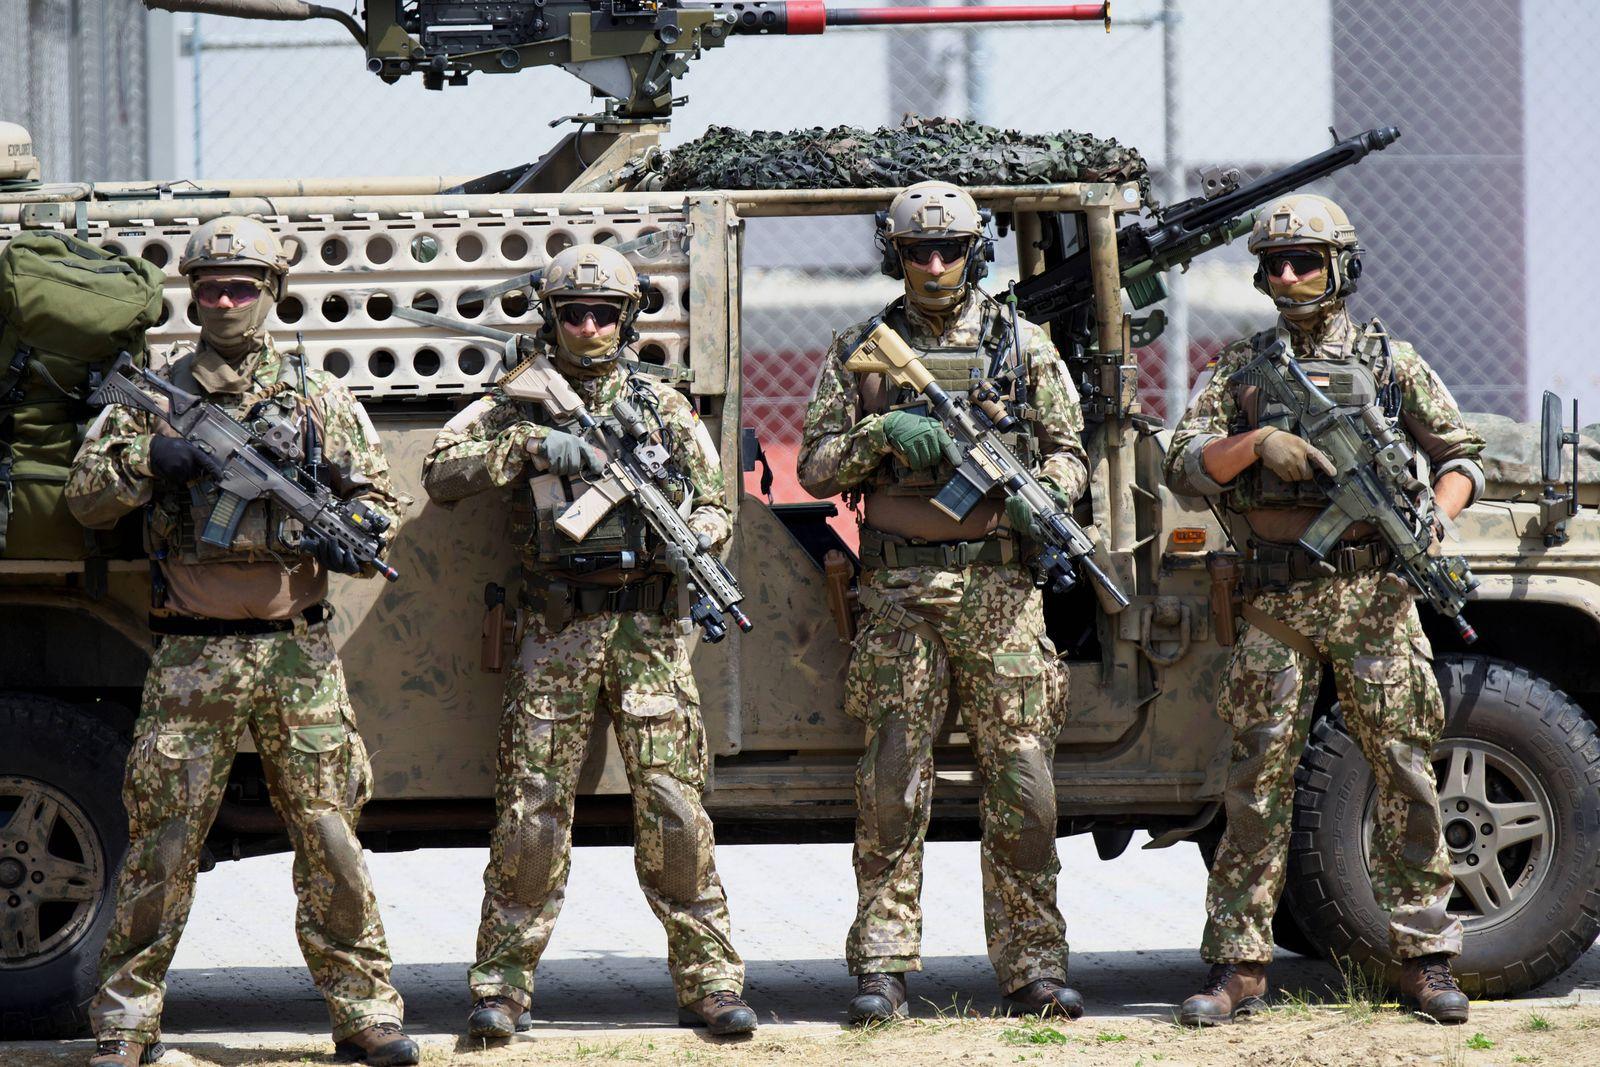 Das Kommando Spezialkräfte (KSK) der Bundeswehr bei der Aufstellung nach einer Vorführung am Tag der Bundeswehr beim Au